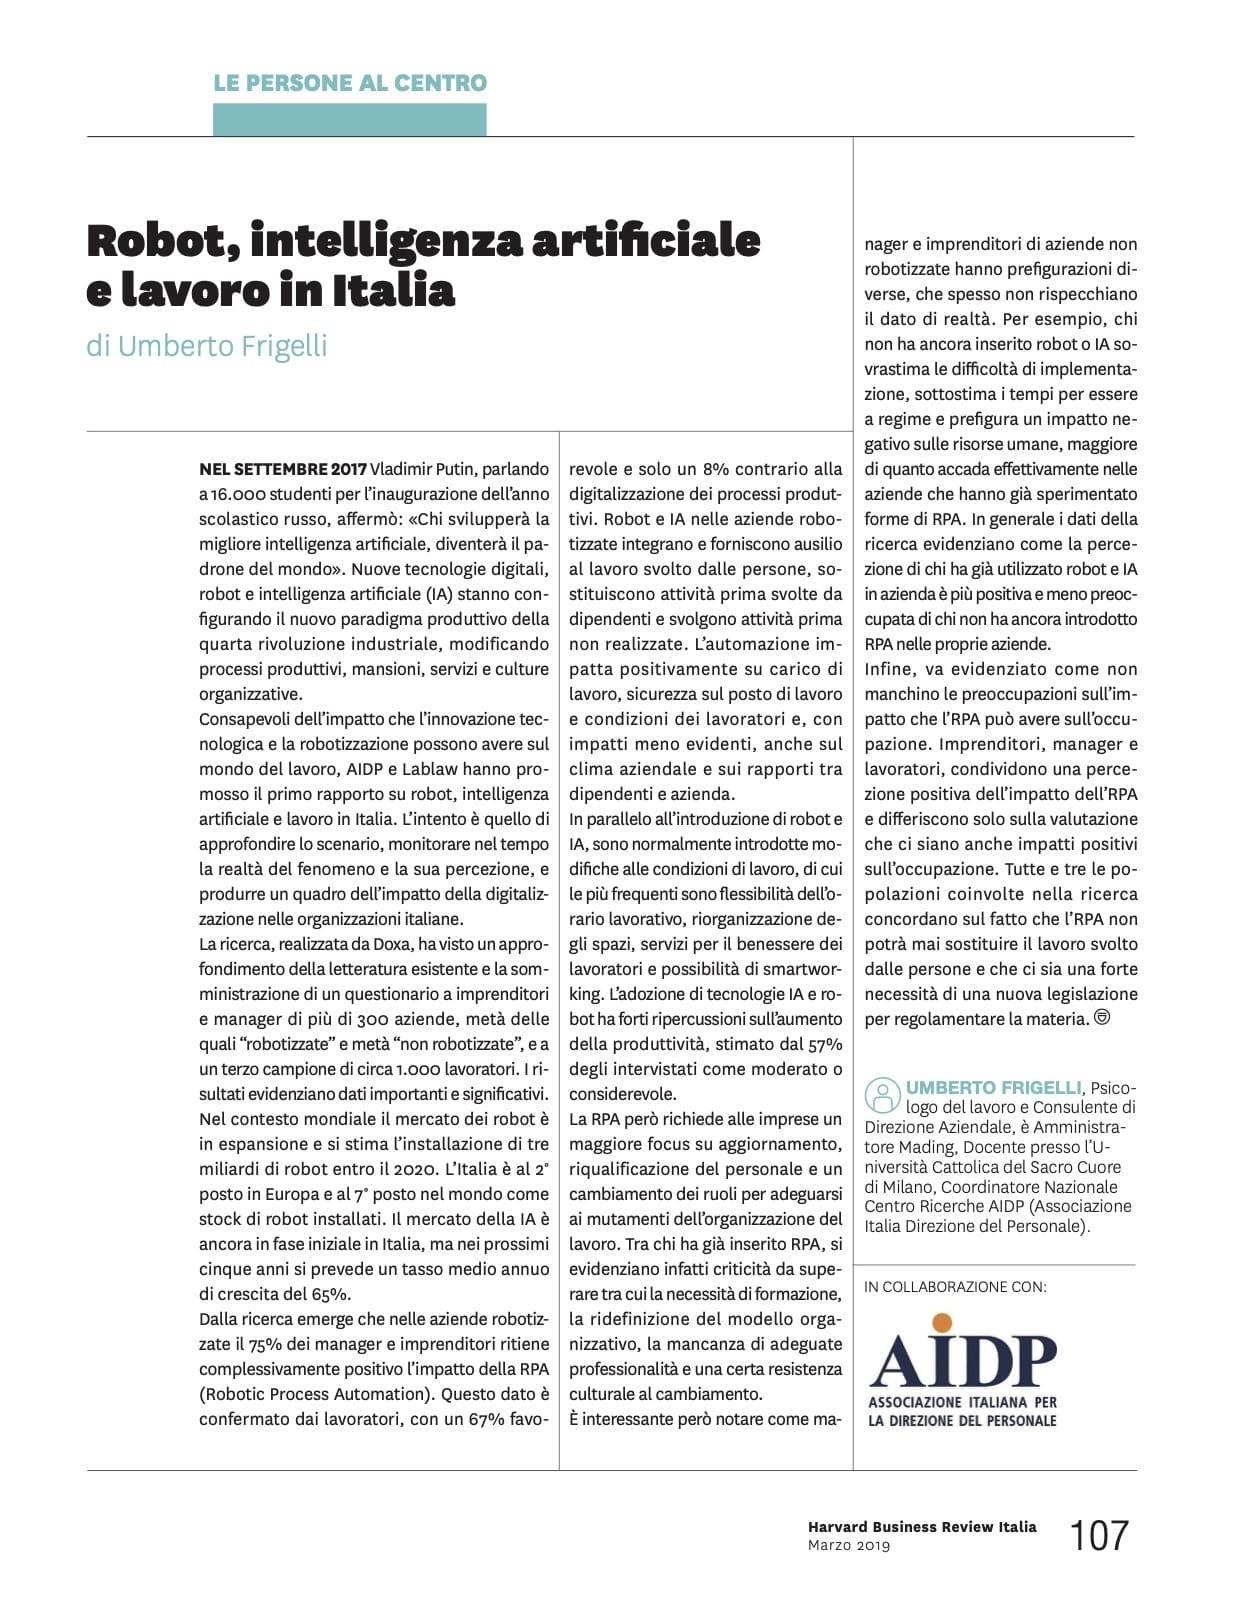 Robot, intelligenza artificiale e lavoro in Italia